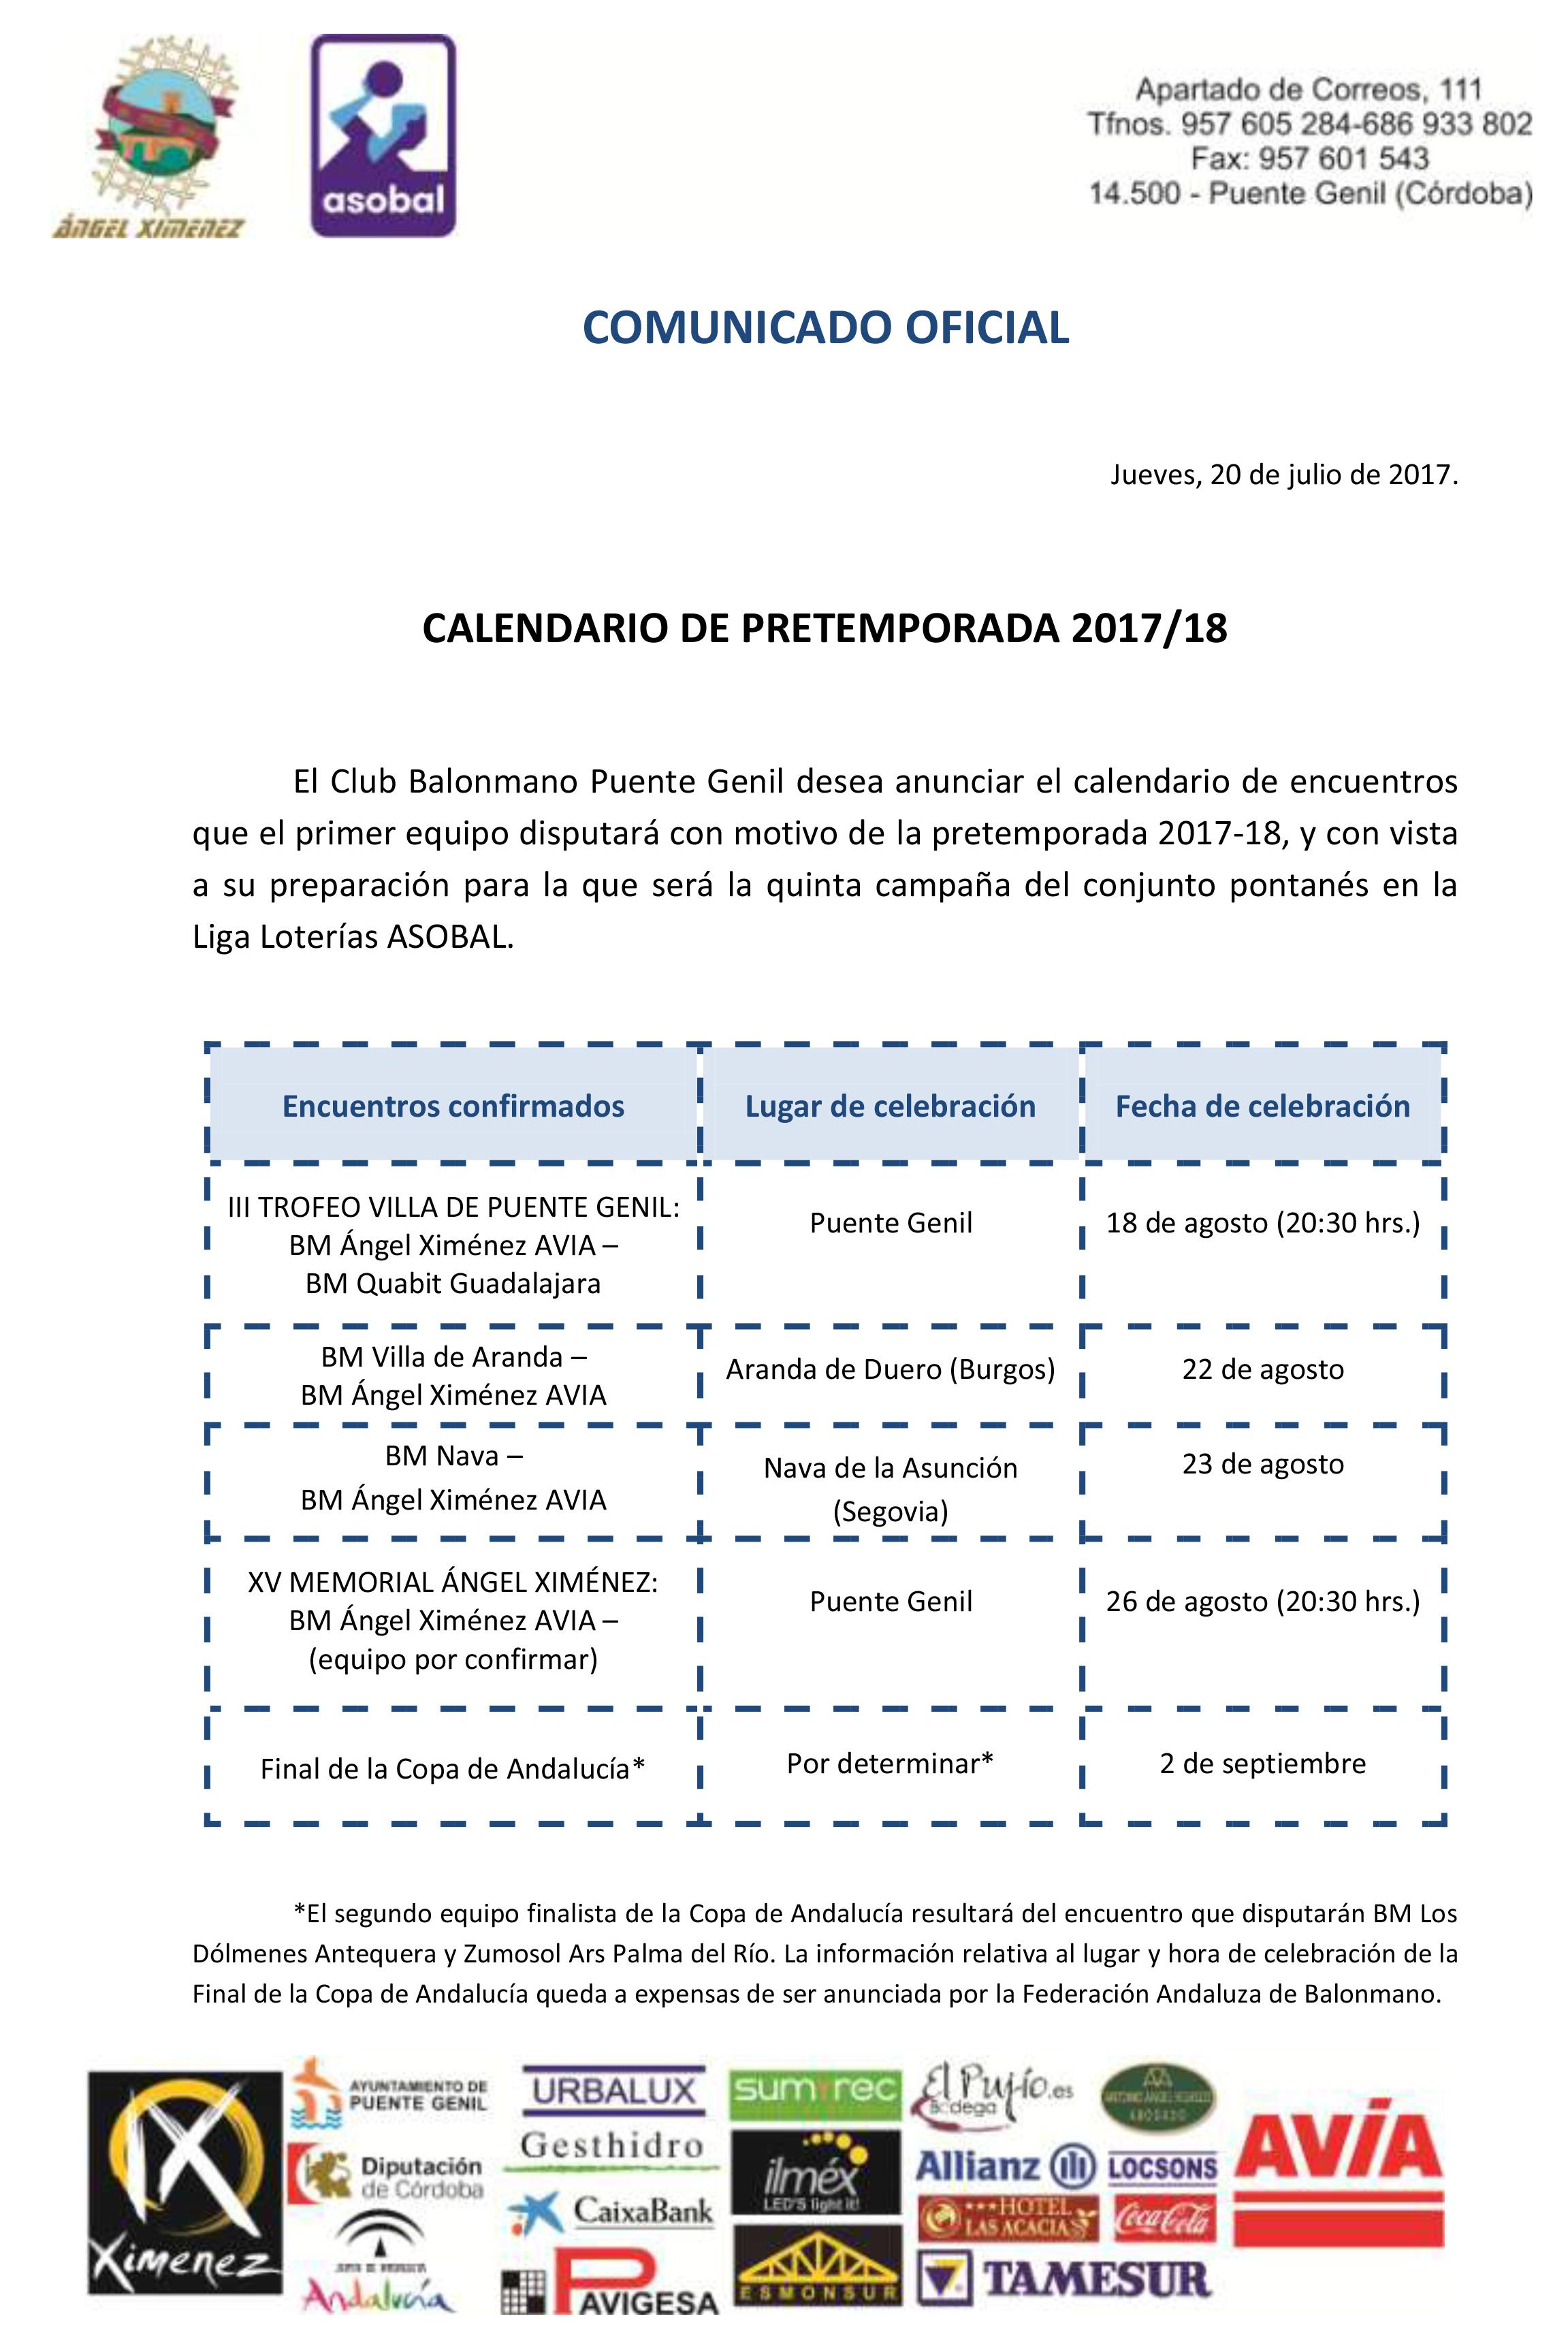 CALENDARIO DE PRETEMPORADA 2017/18 – BM ANGEL XIMENEZ AVIA PUENTE GENIL